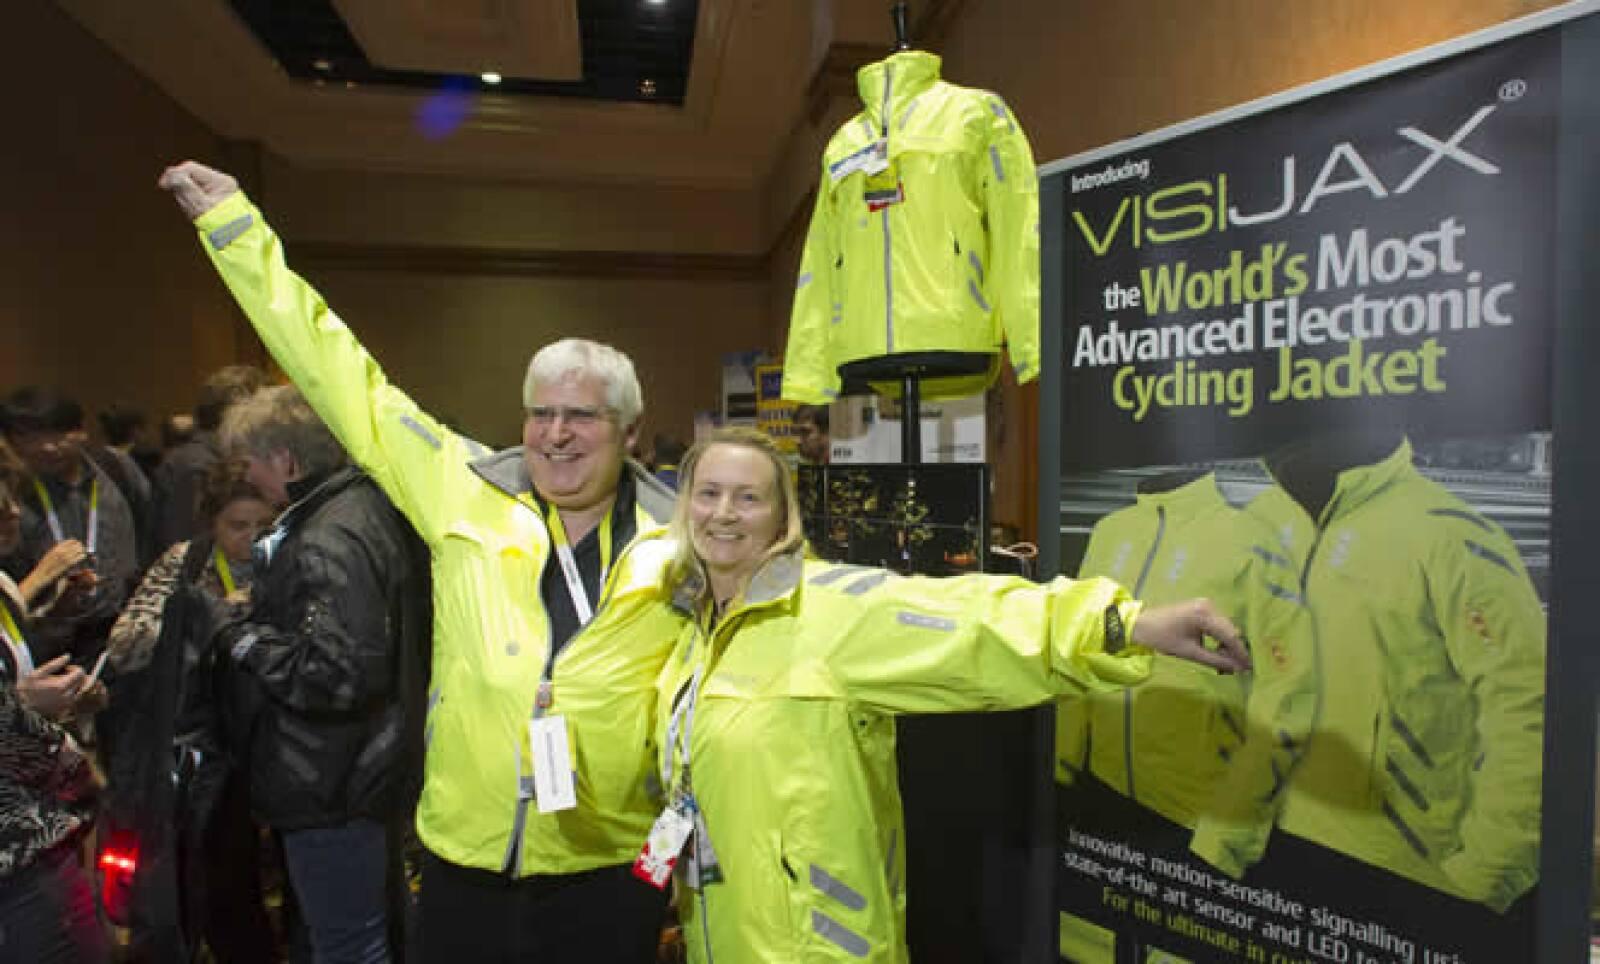 La chaqueta VISIJAX tiene 23 LEDs de alta intensidad que te hacen visible mientras pedaleas en la oscuridad. Su batería es desmontable si requieres lavarla tras una larga ruta.